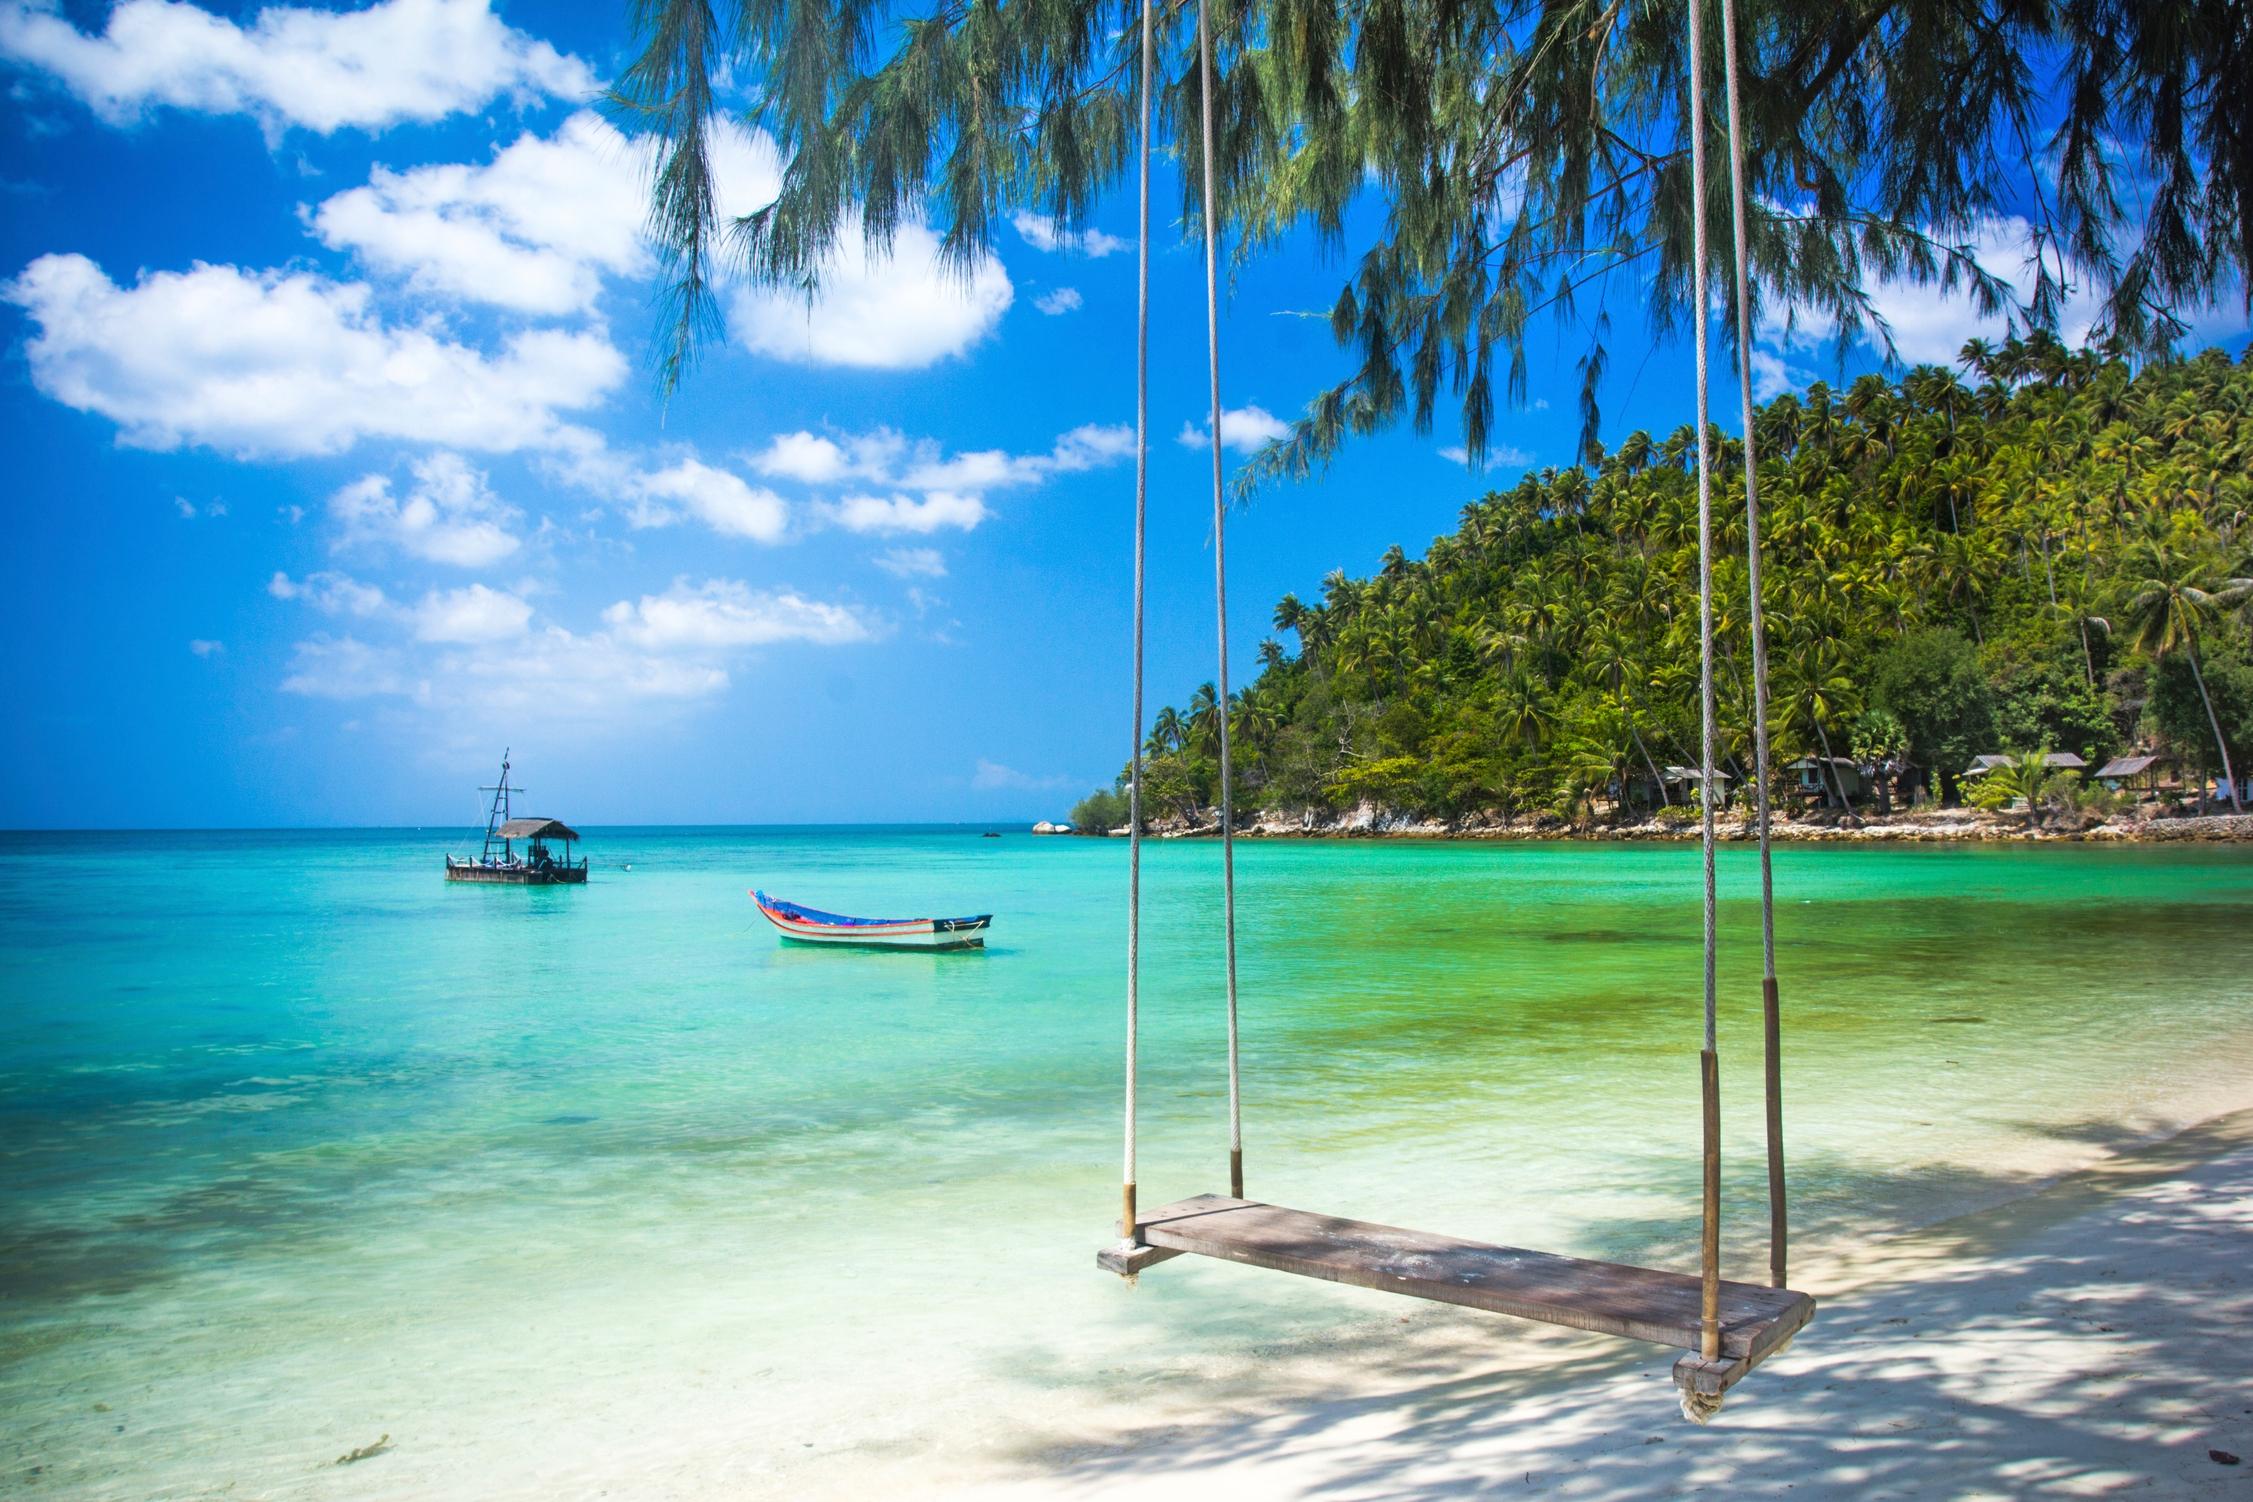 Wakacje na wyspie w tajlandzkim raju